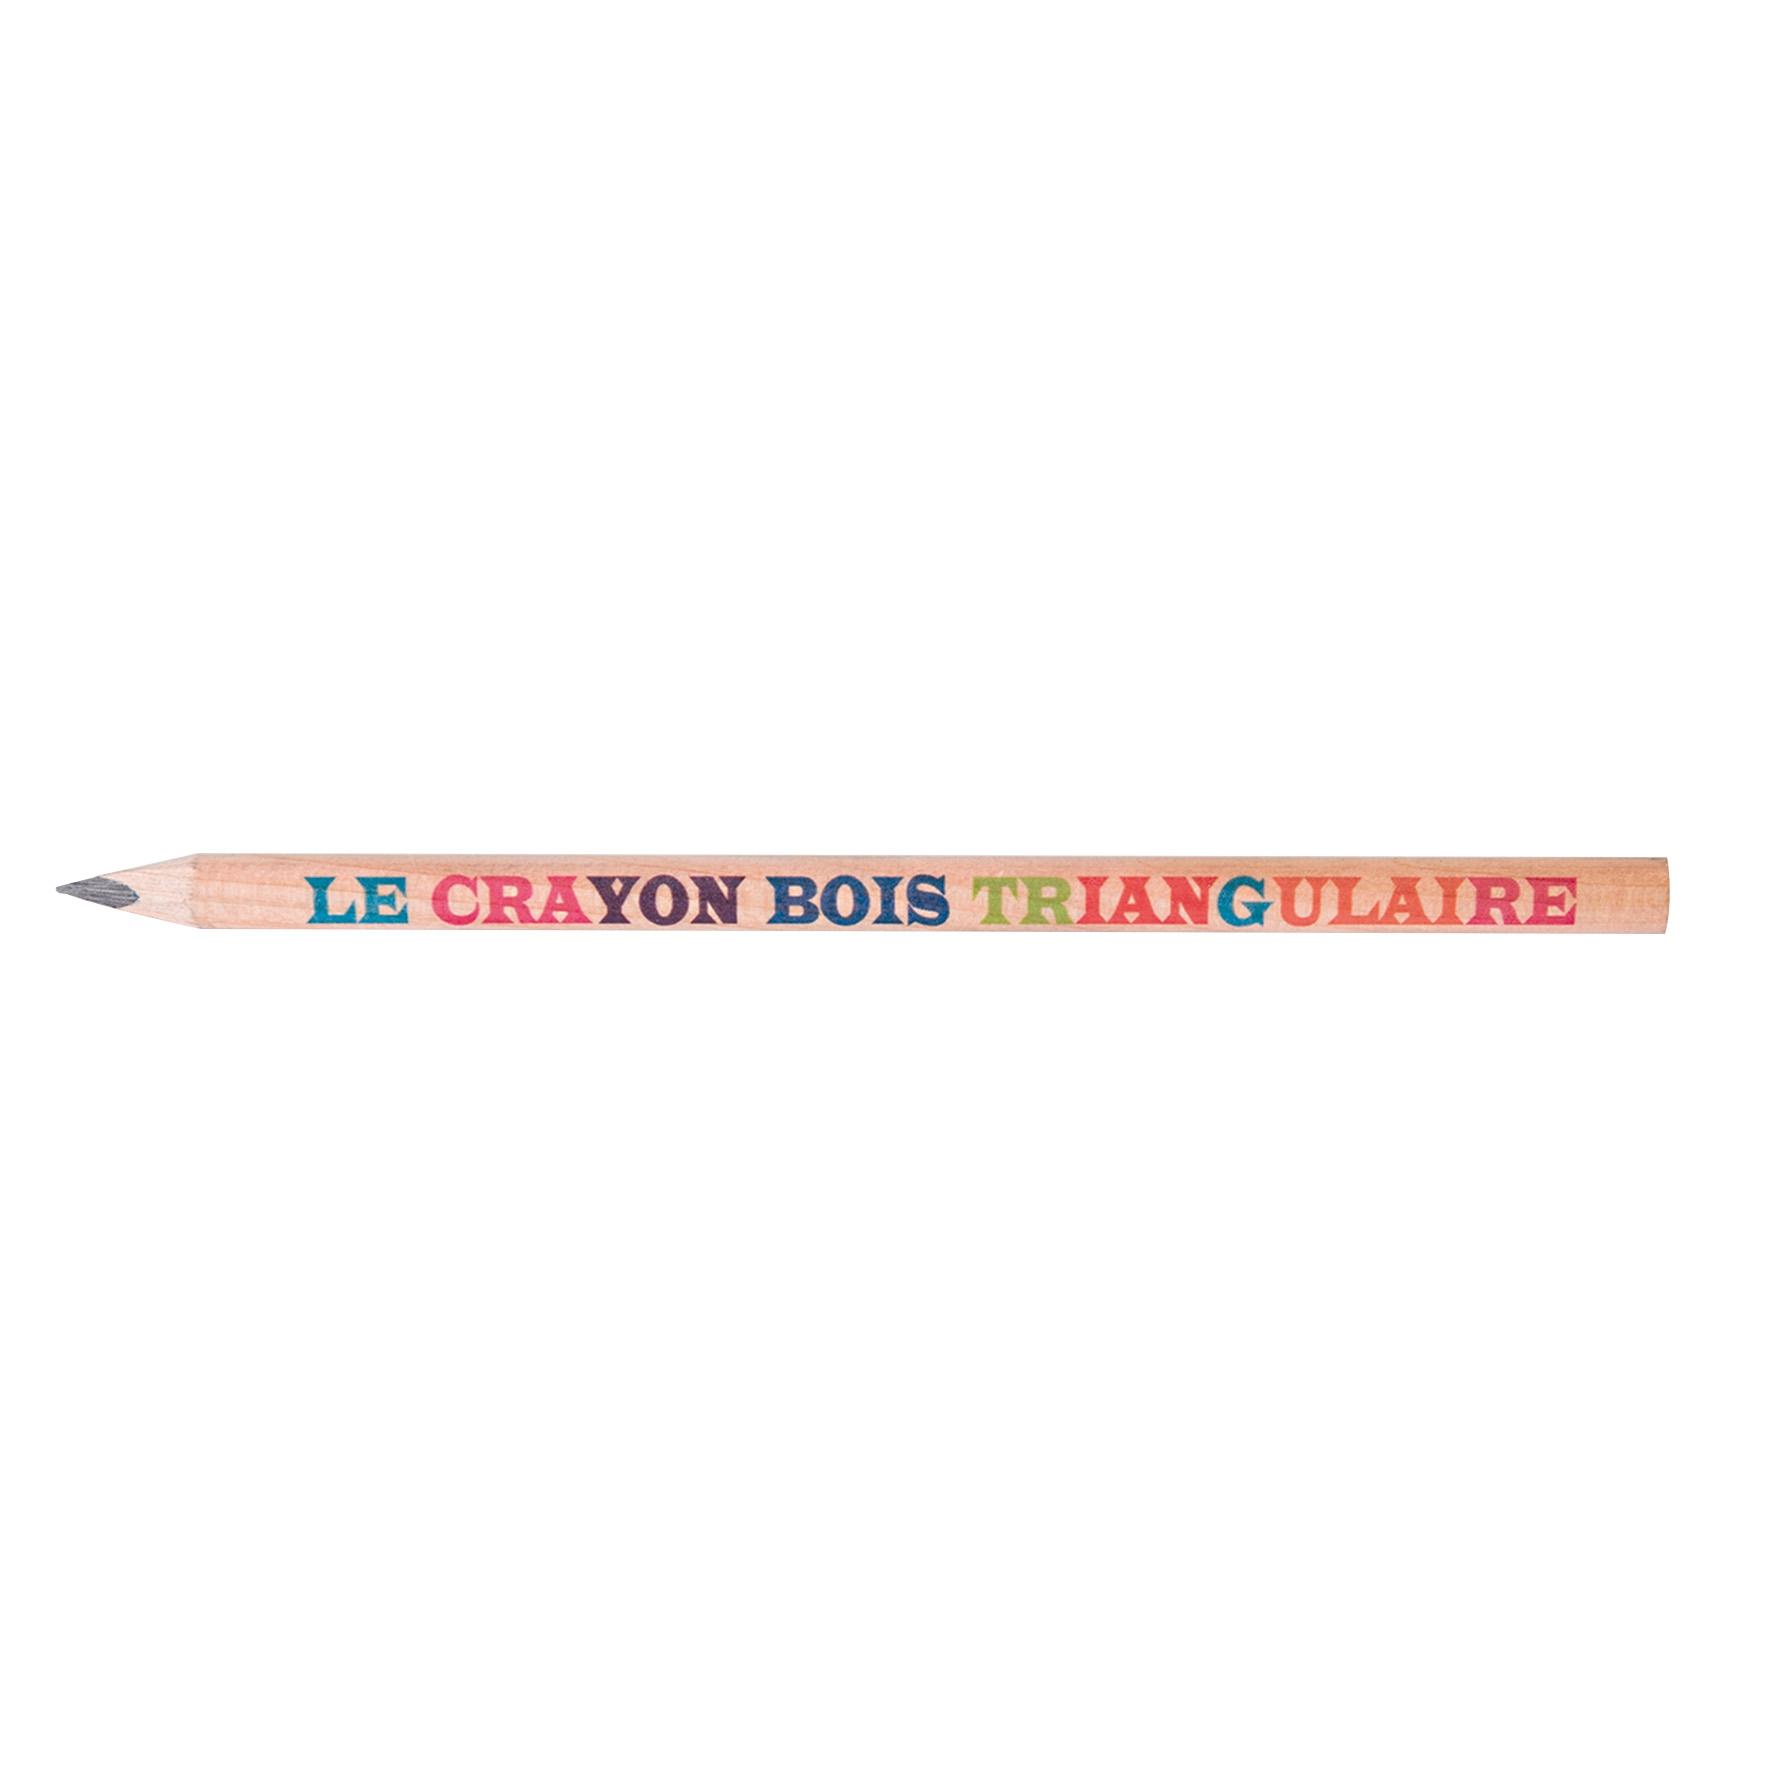 crayon de bois publicitaire triangulaire Prestige - objet publicitaire écologique